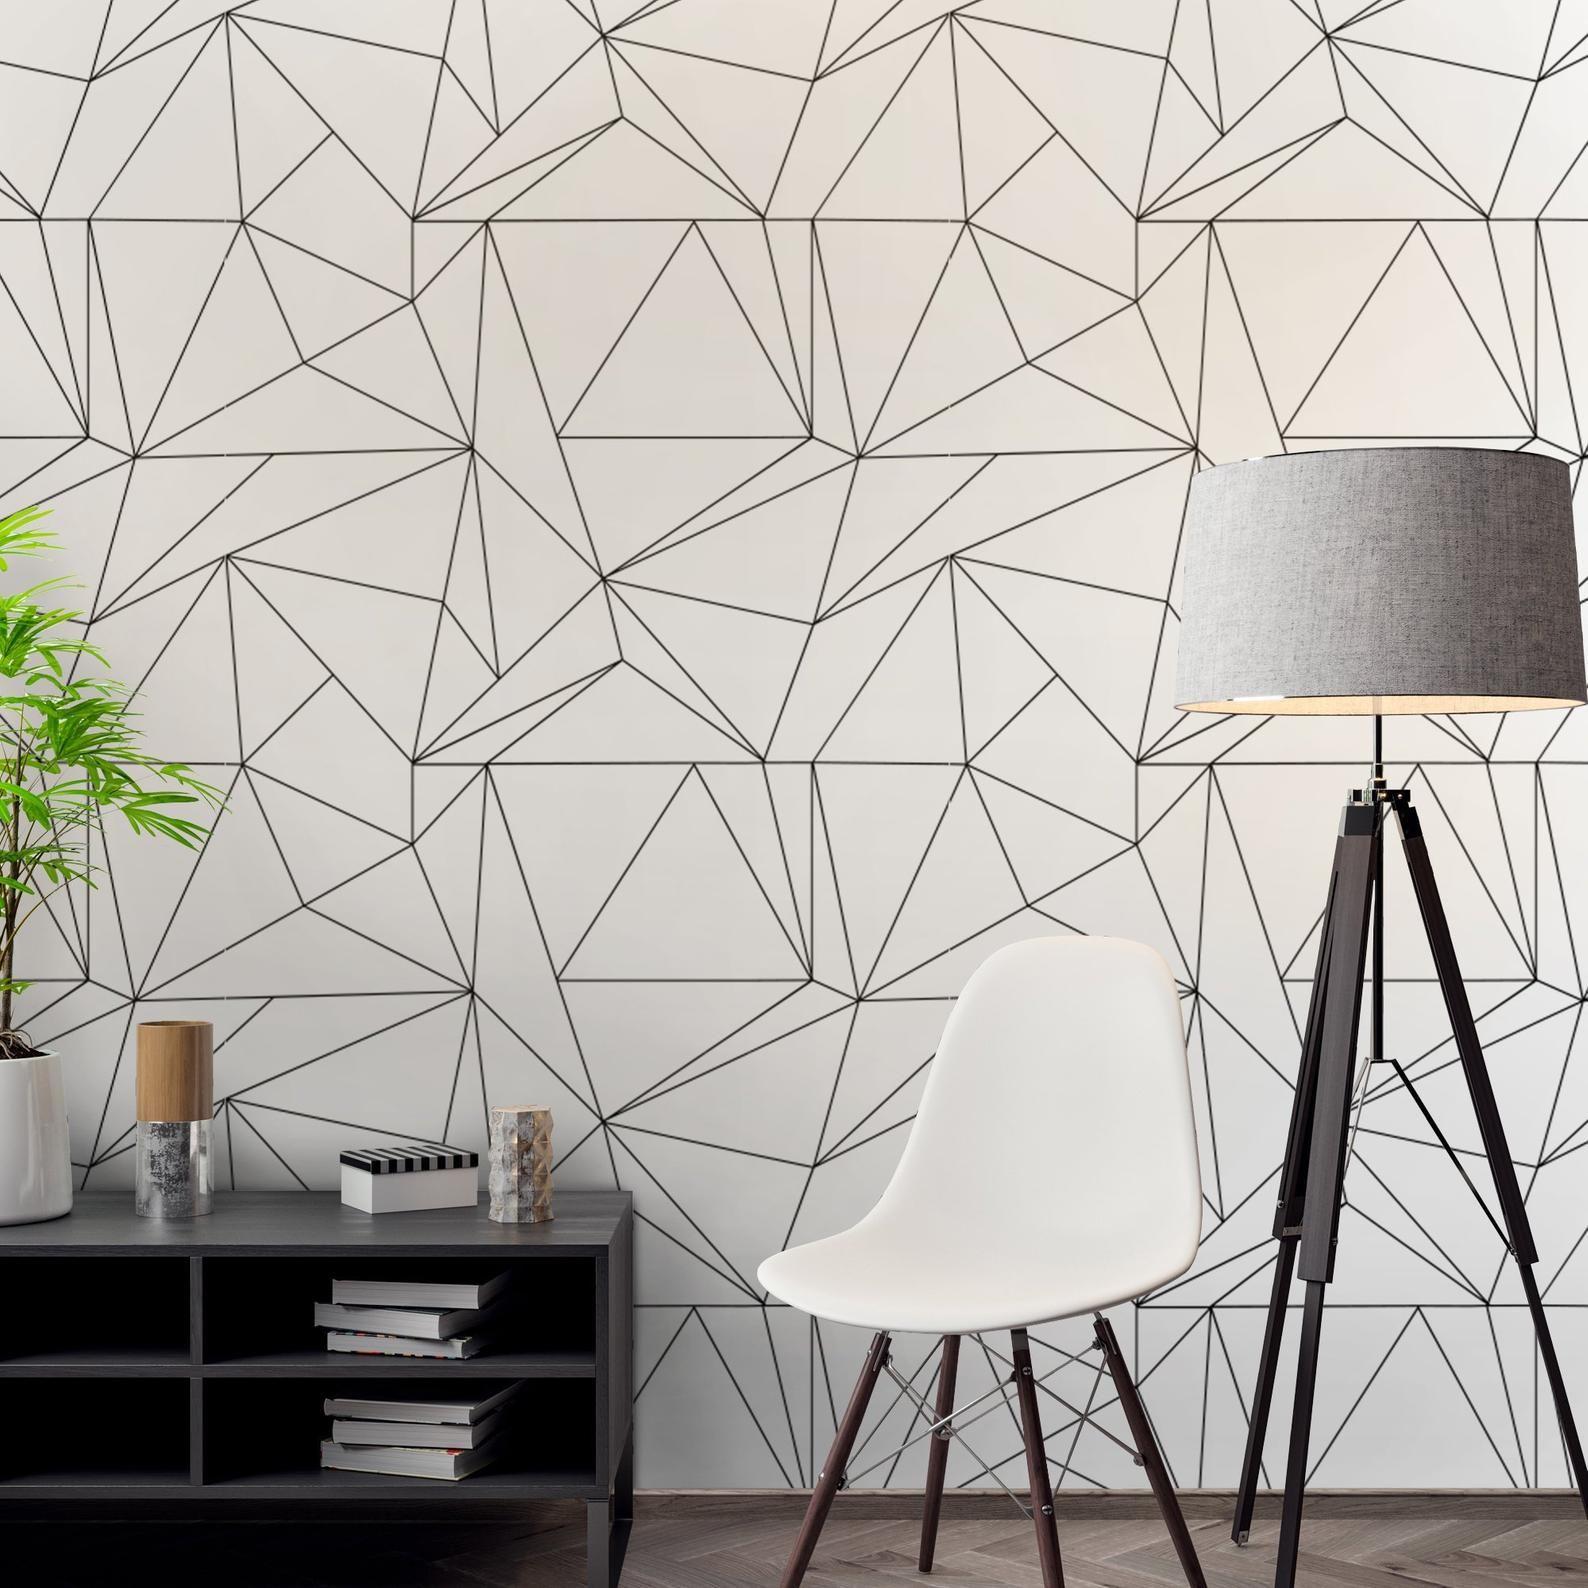 Geometric Polygon Wallpaper Wallpaper Black and White